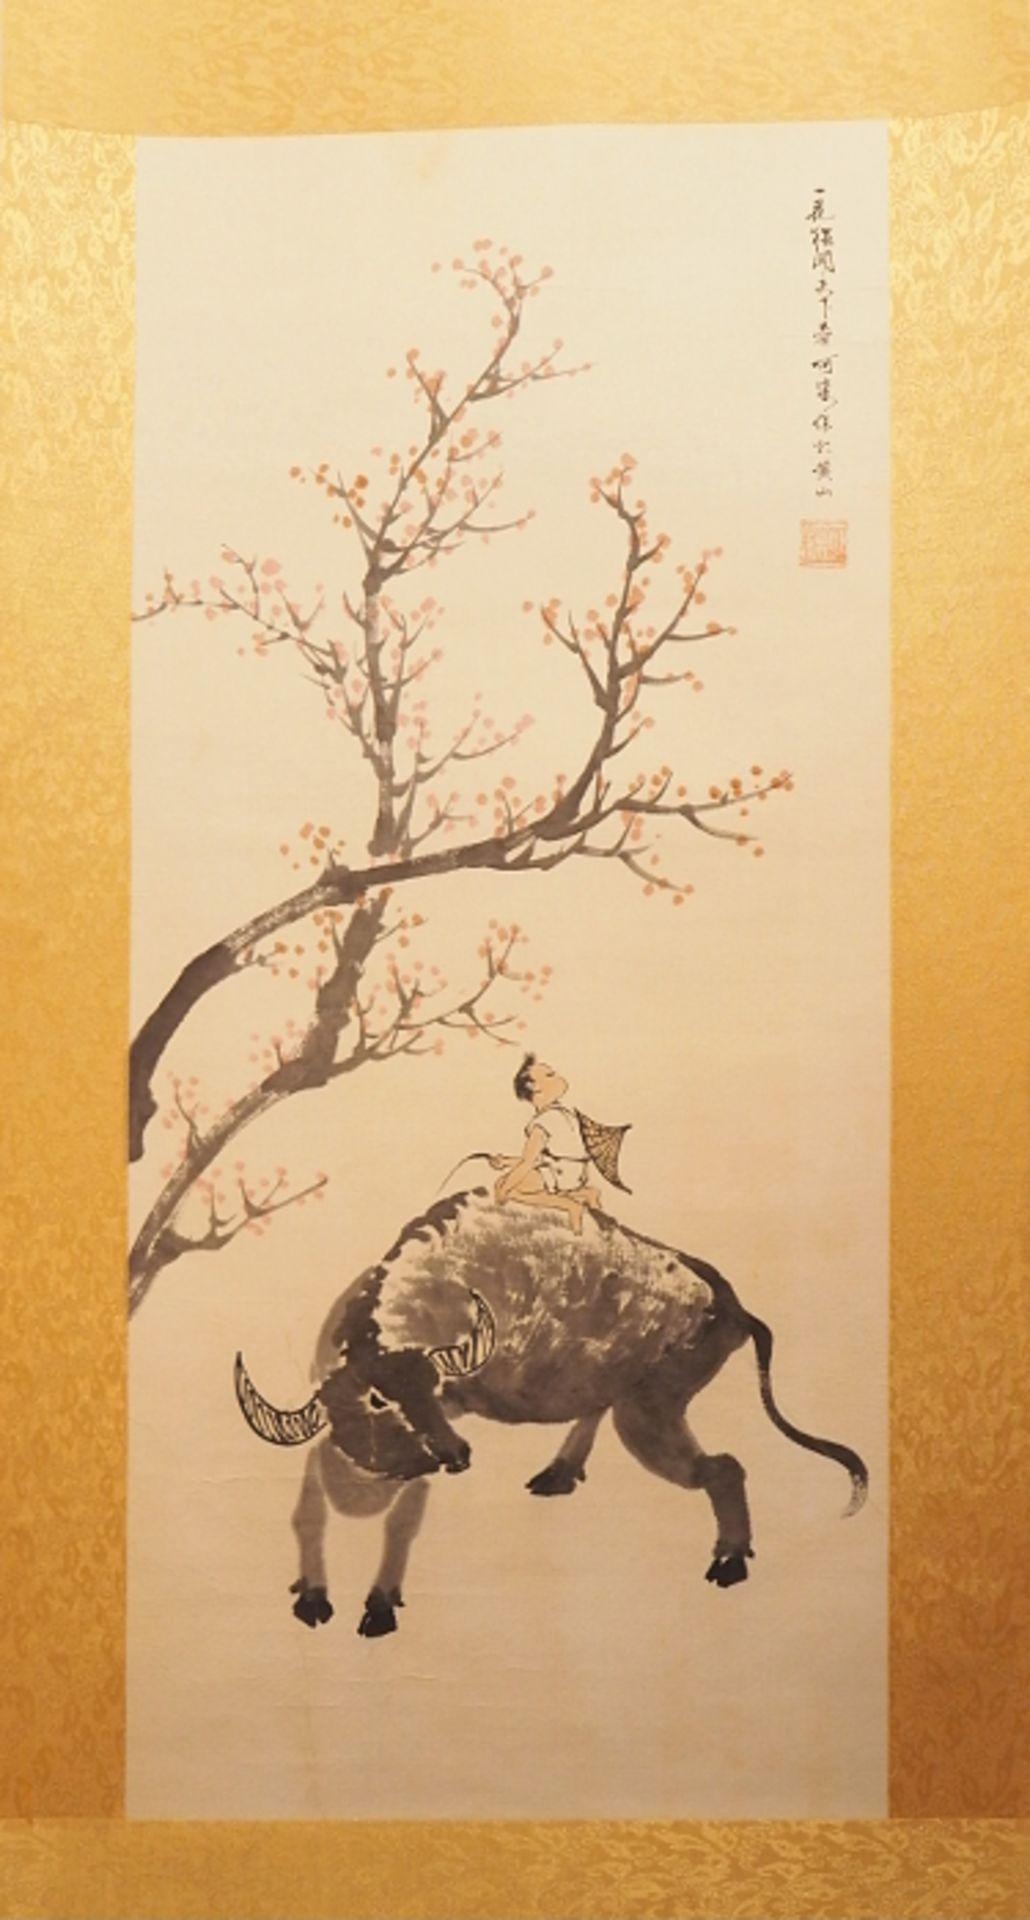 """1 Wandrolle """"Kind auf Stier unter blühendem Kirschbaum"""", China, lt. EL: LAN Like (woh"""